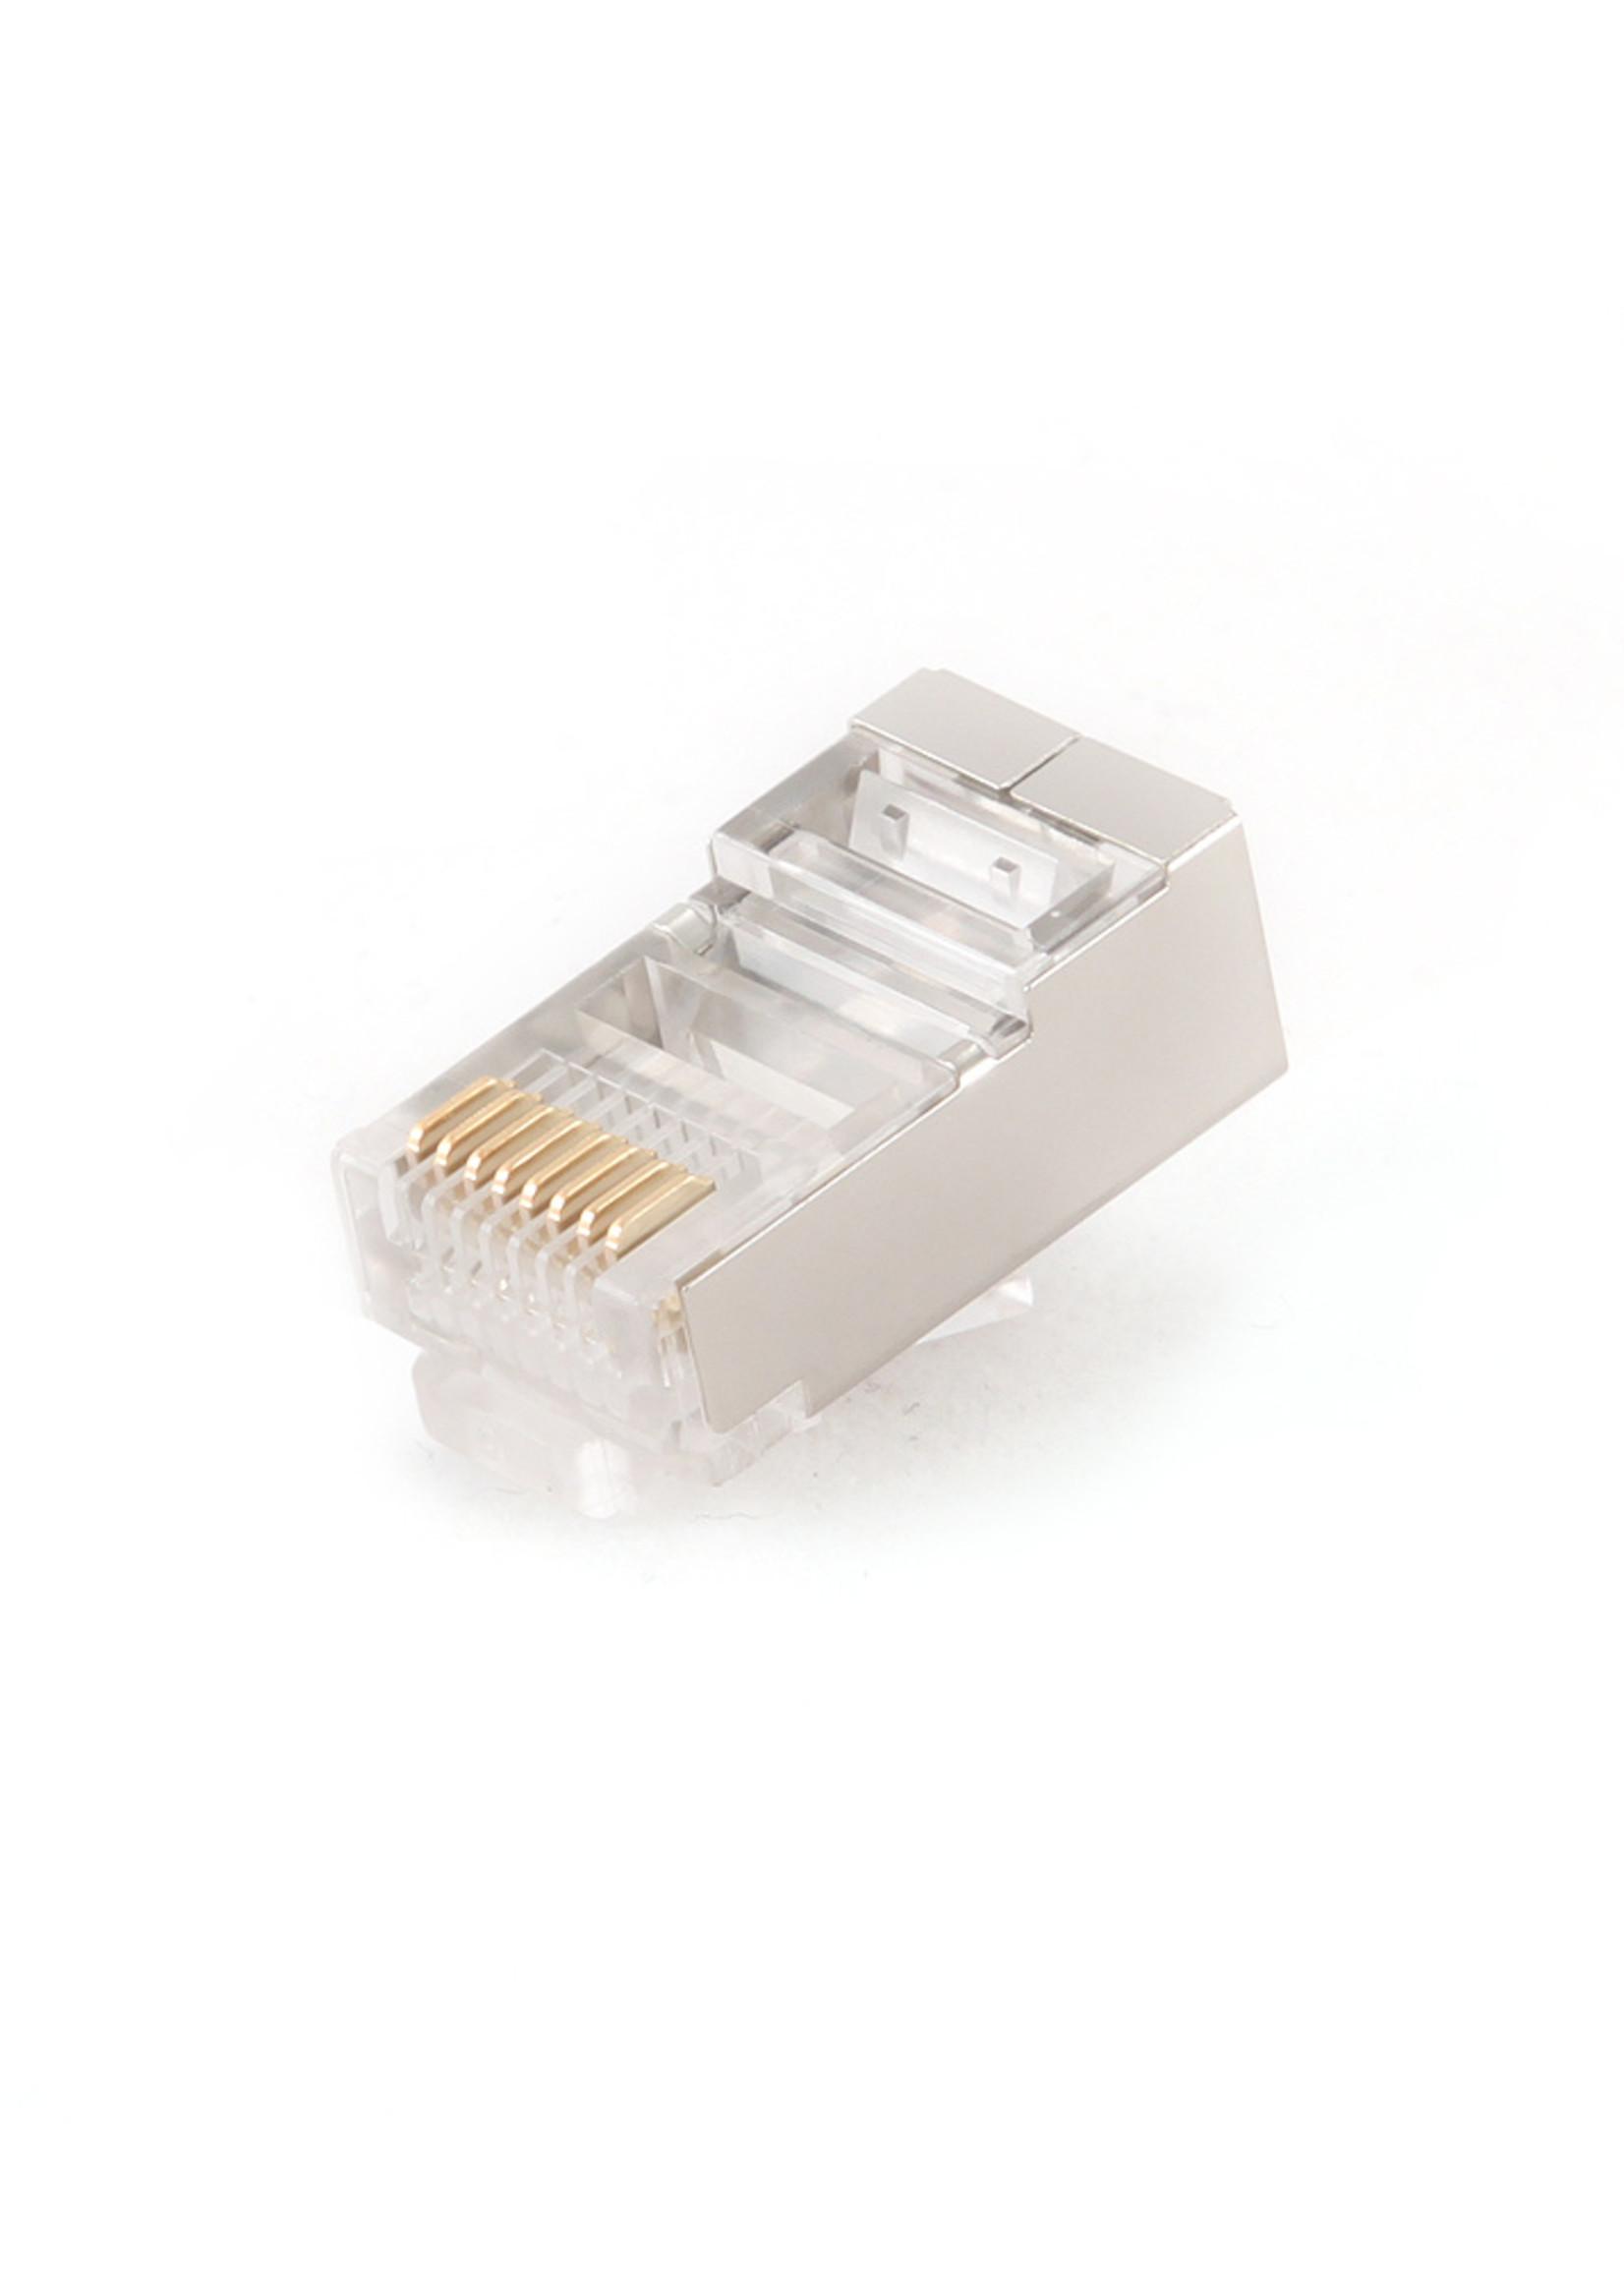 CableXpert Afgeschermde modulaire RJ45 stekker, 8P8C, 10 stuks